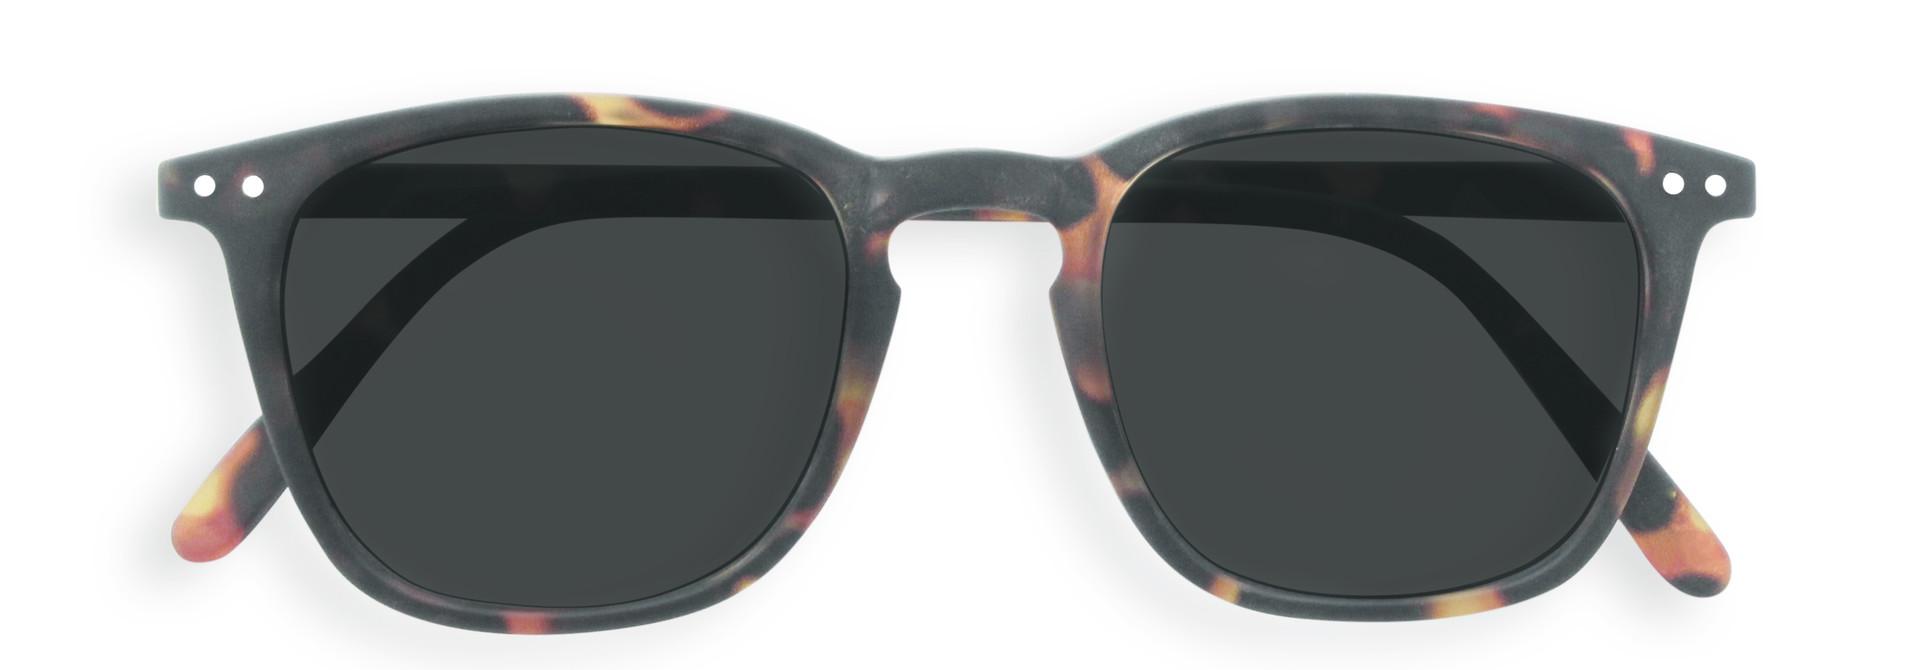 Izipizi Sun leesbril model E Tortoise